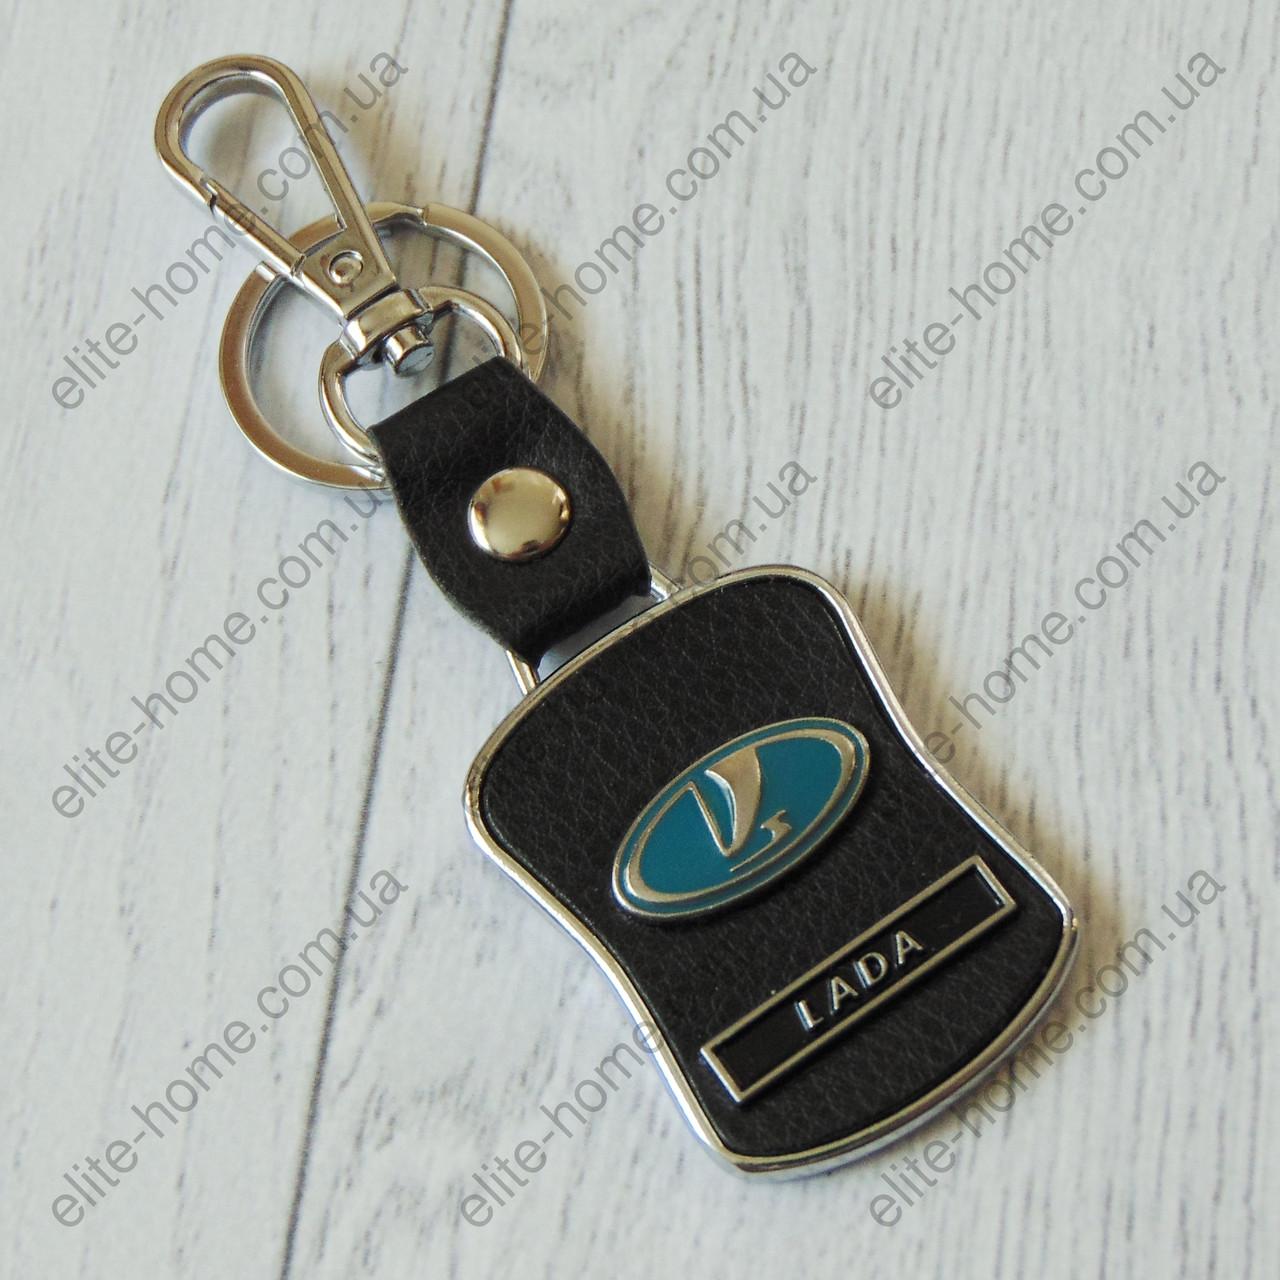 Автомобільний брелок Lada (Лада)